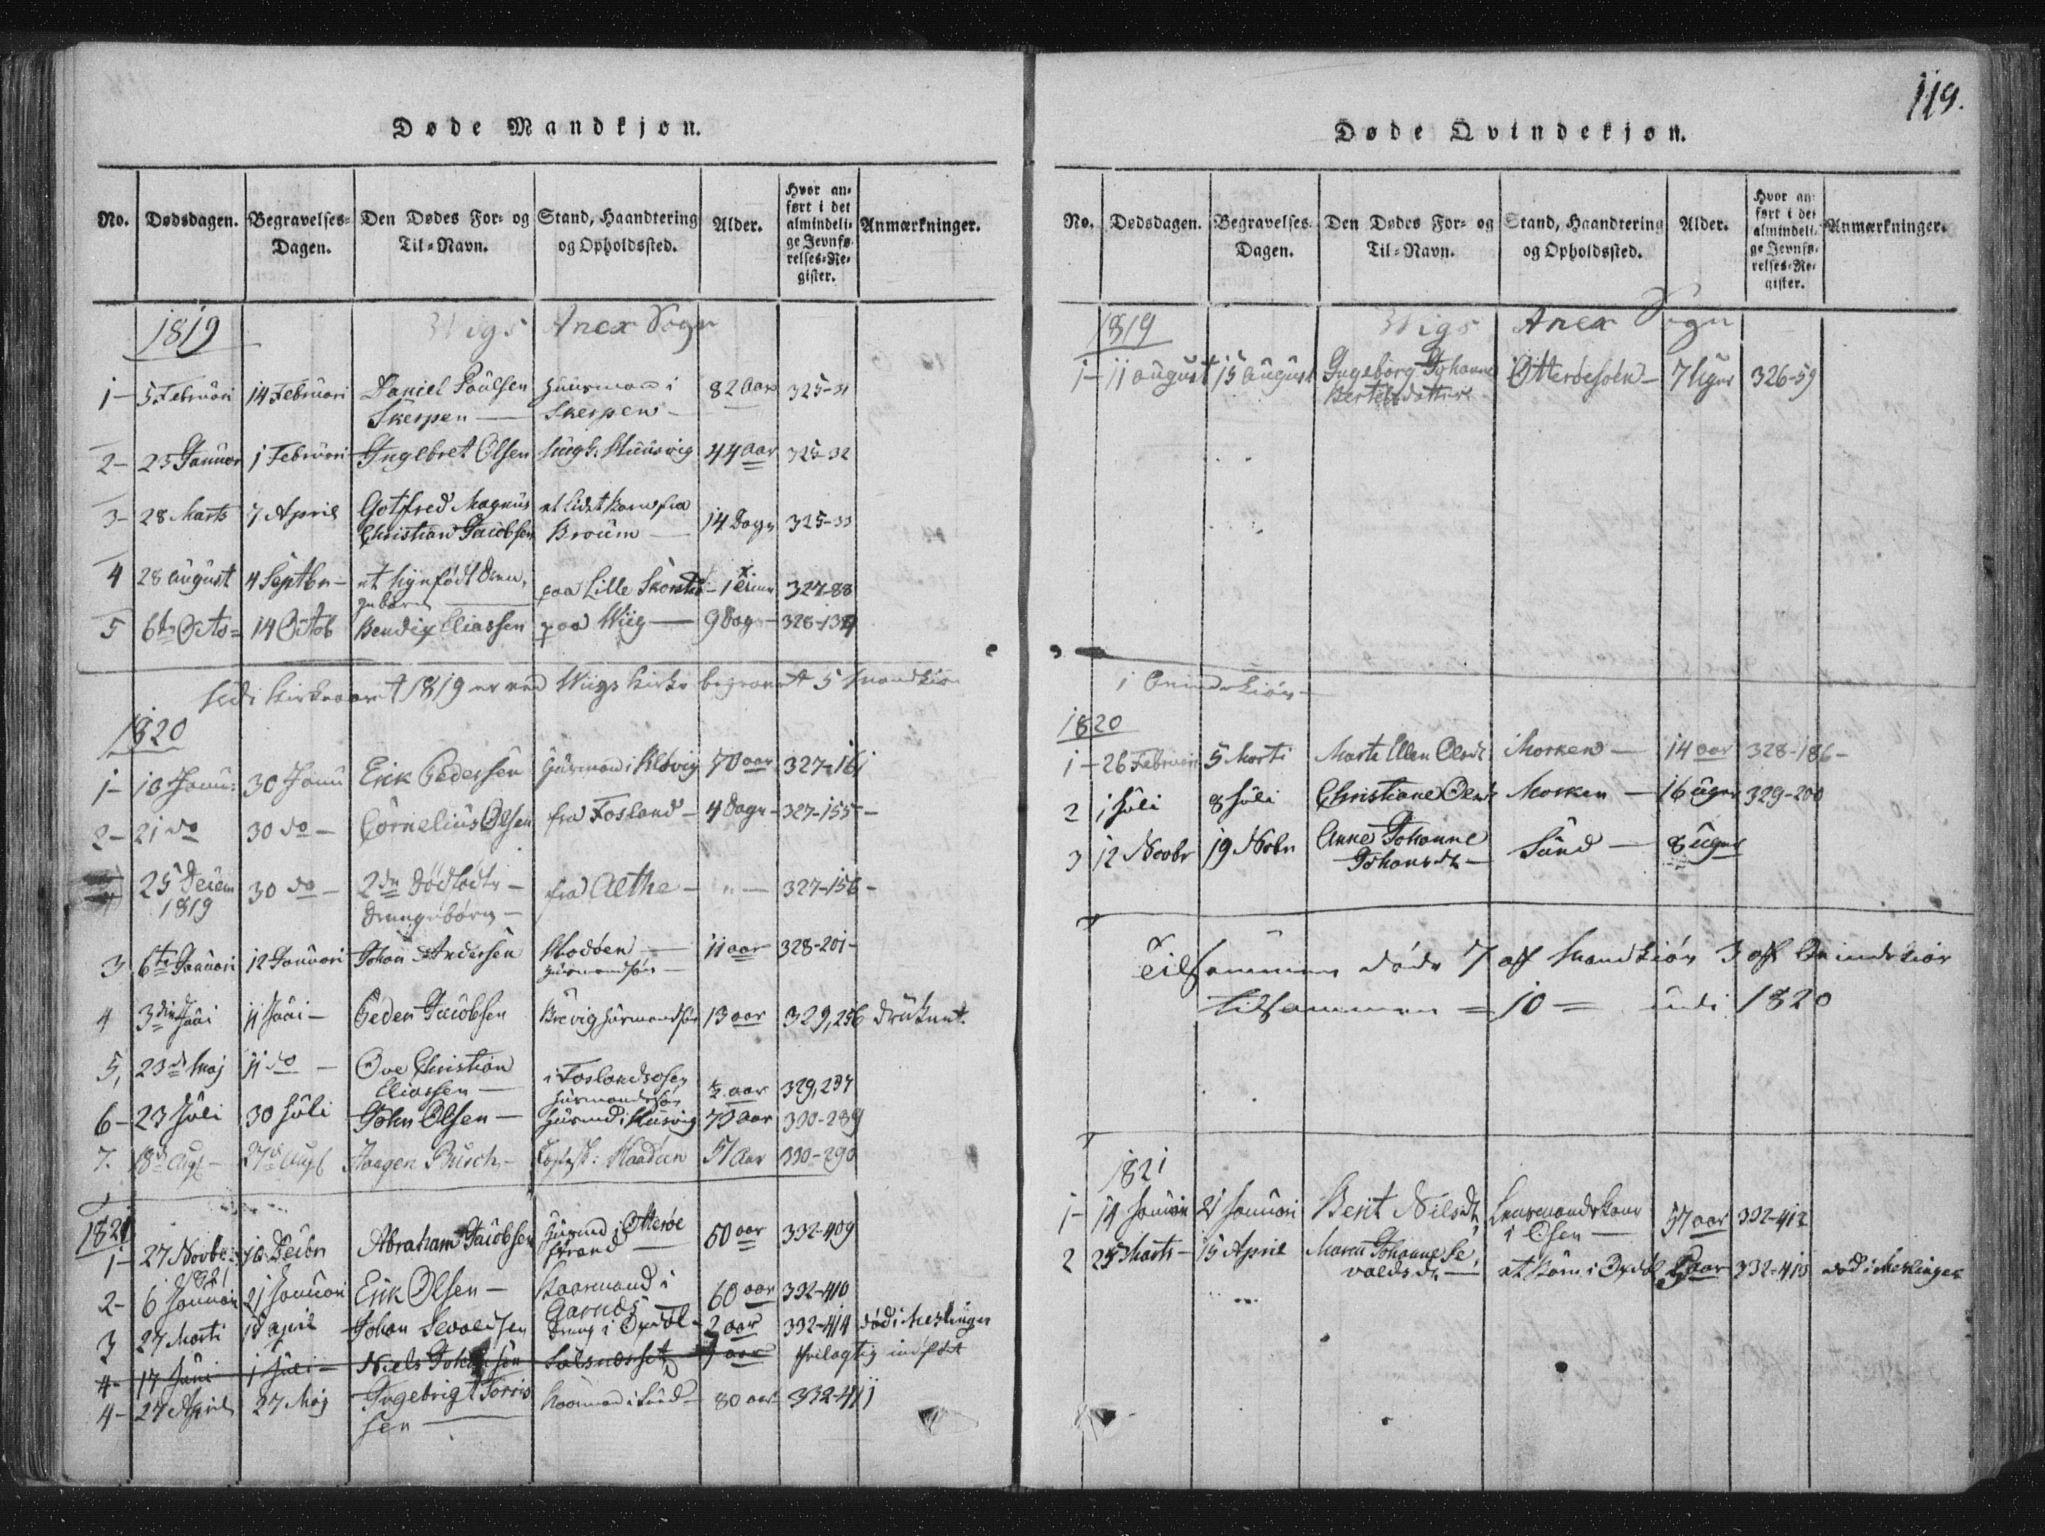 SAT, Ministerialprotokoller, klokkerbøker og fødselsregistre - Nord-Trøndelag, 773/L0609: Ministerialbok nr. 773A03 /2, 1815-1830, s. 119